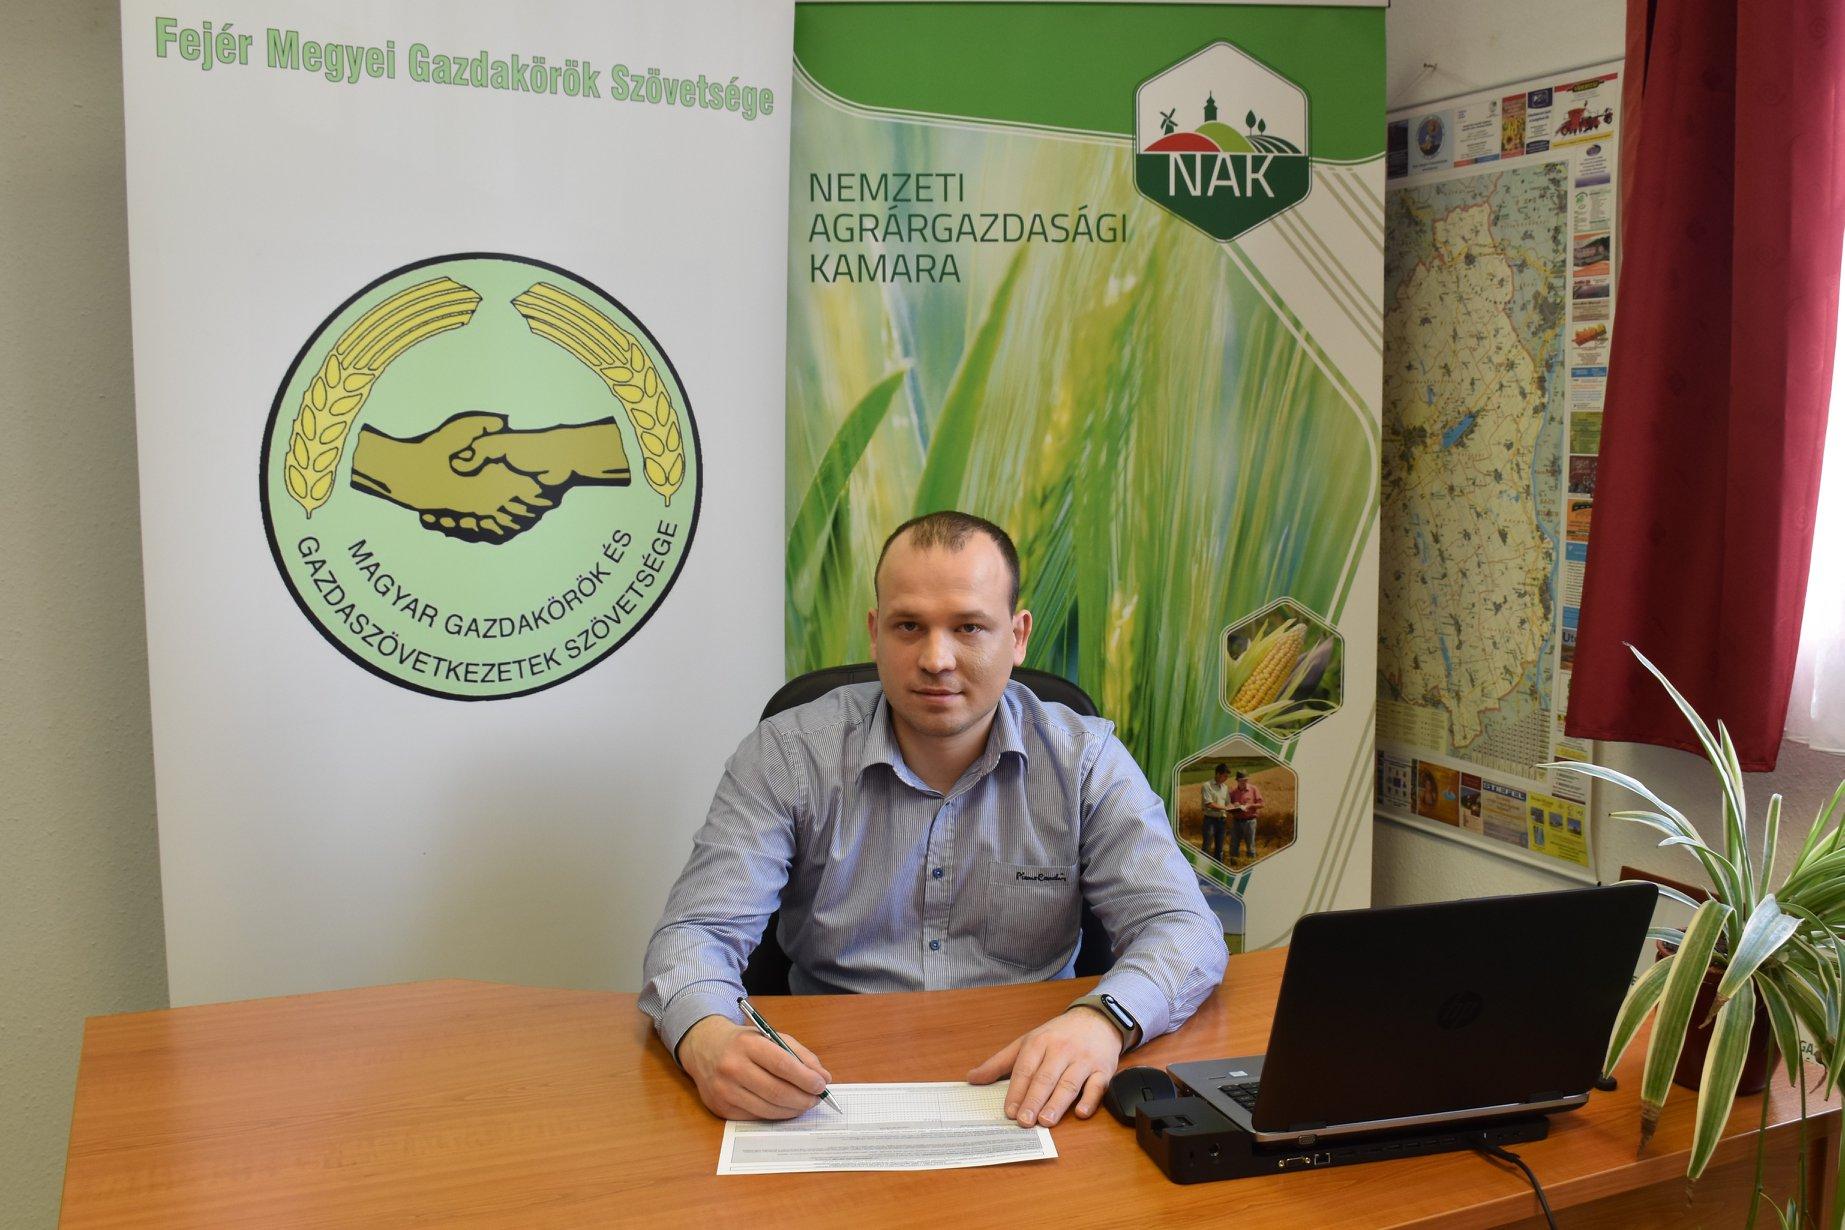 Fejér megye gazdái is segítik a polgári kezdeményezést